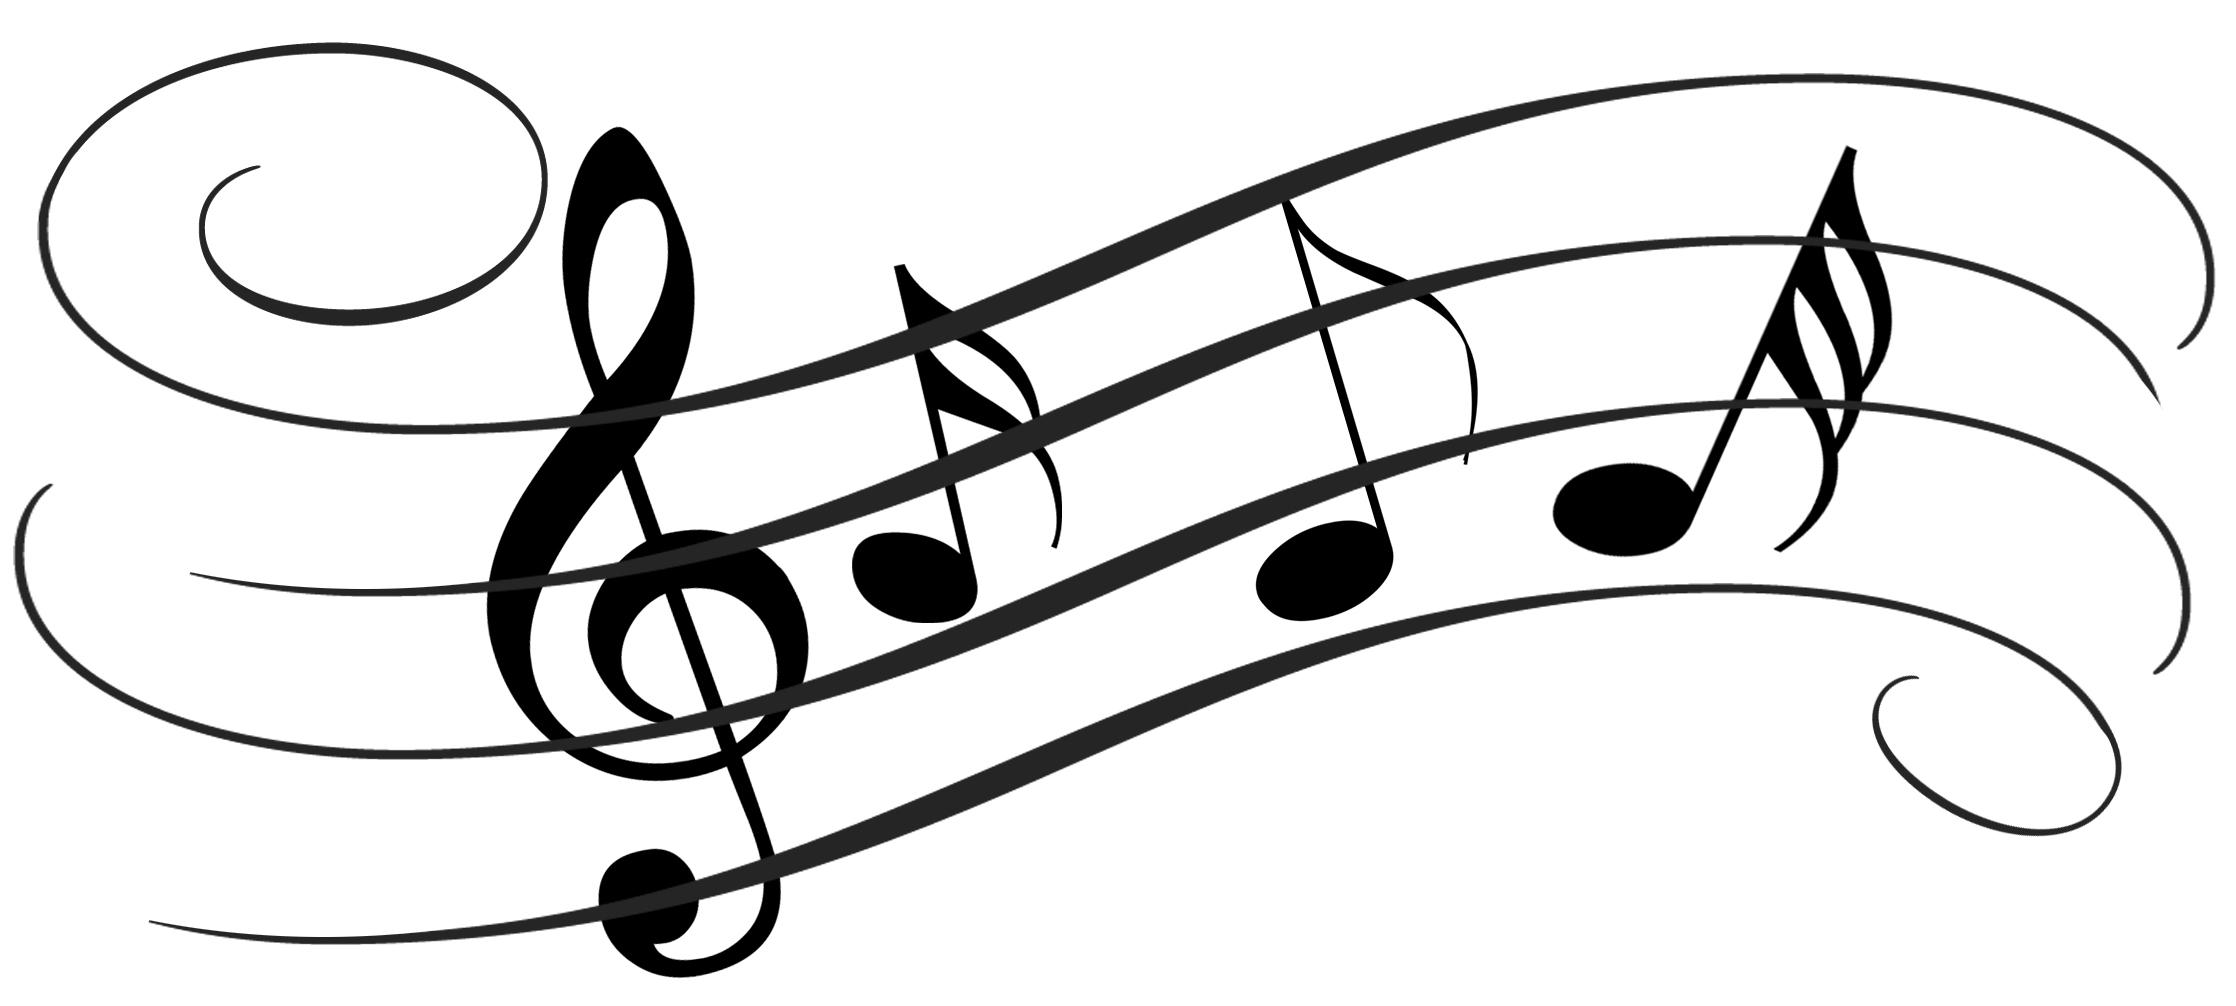 Song Notes Clip Art